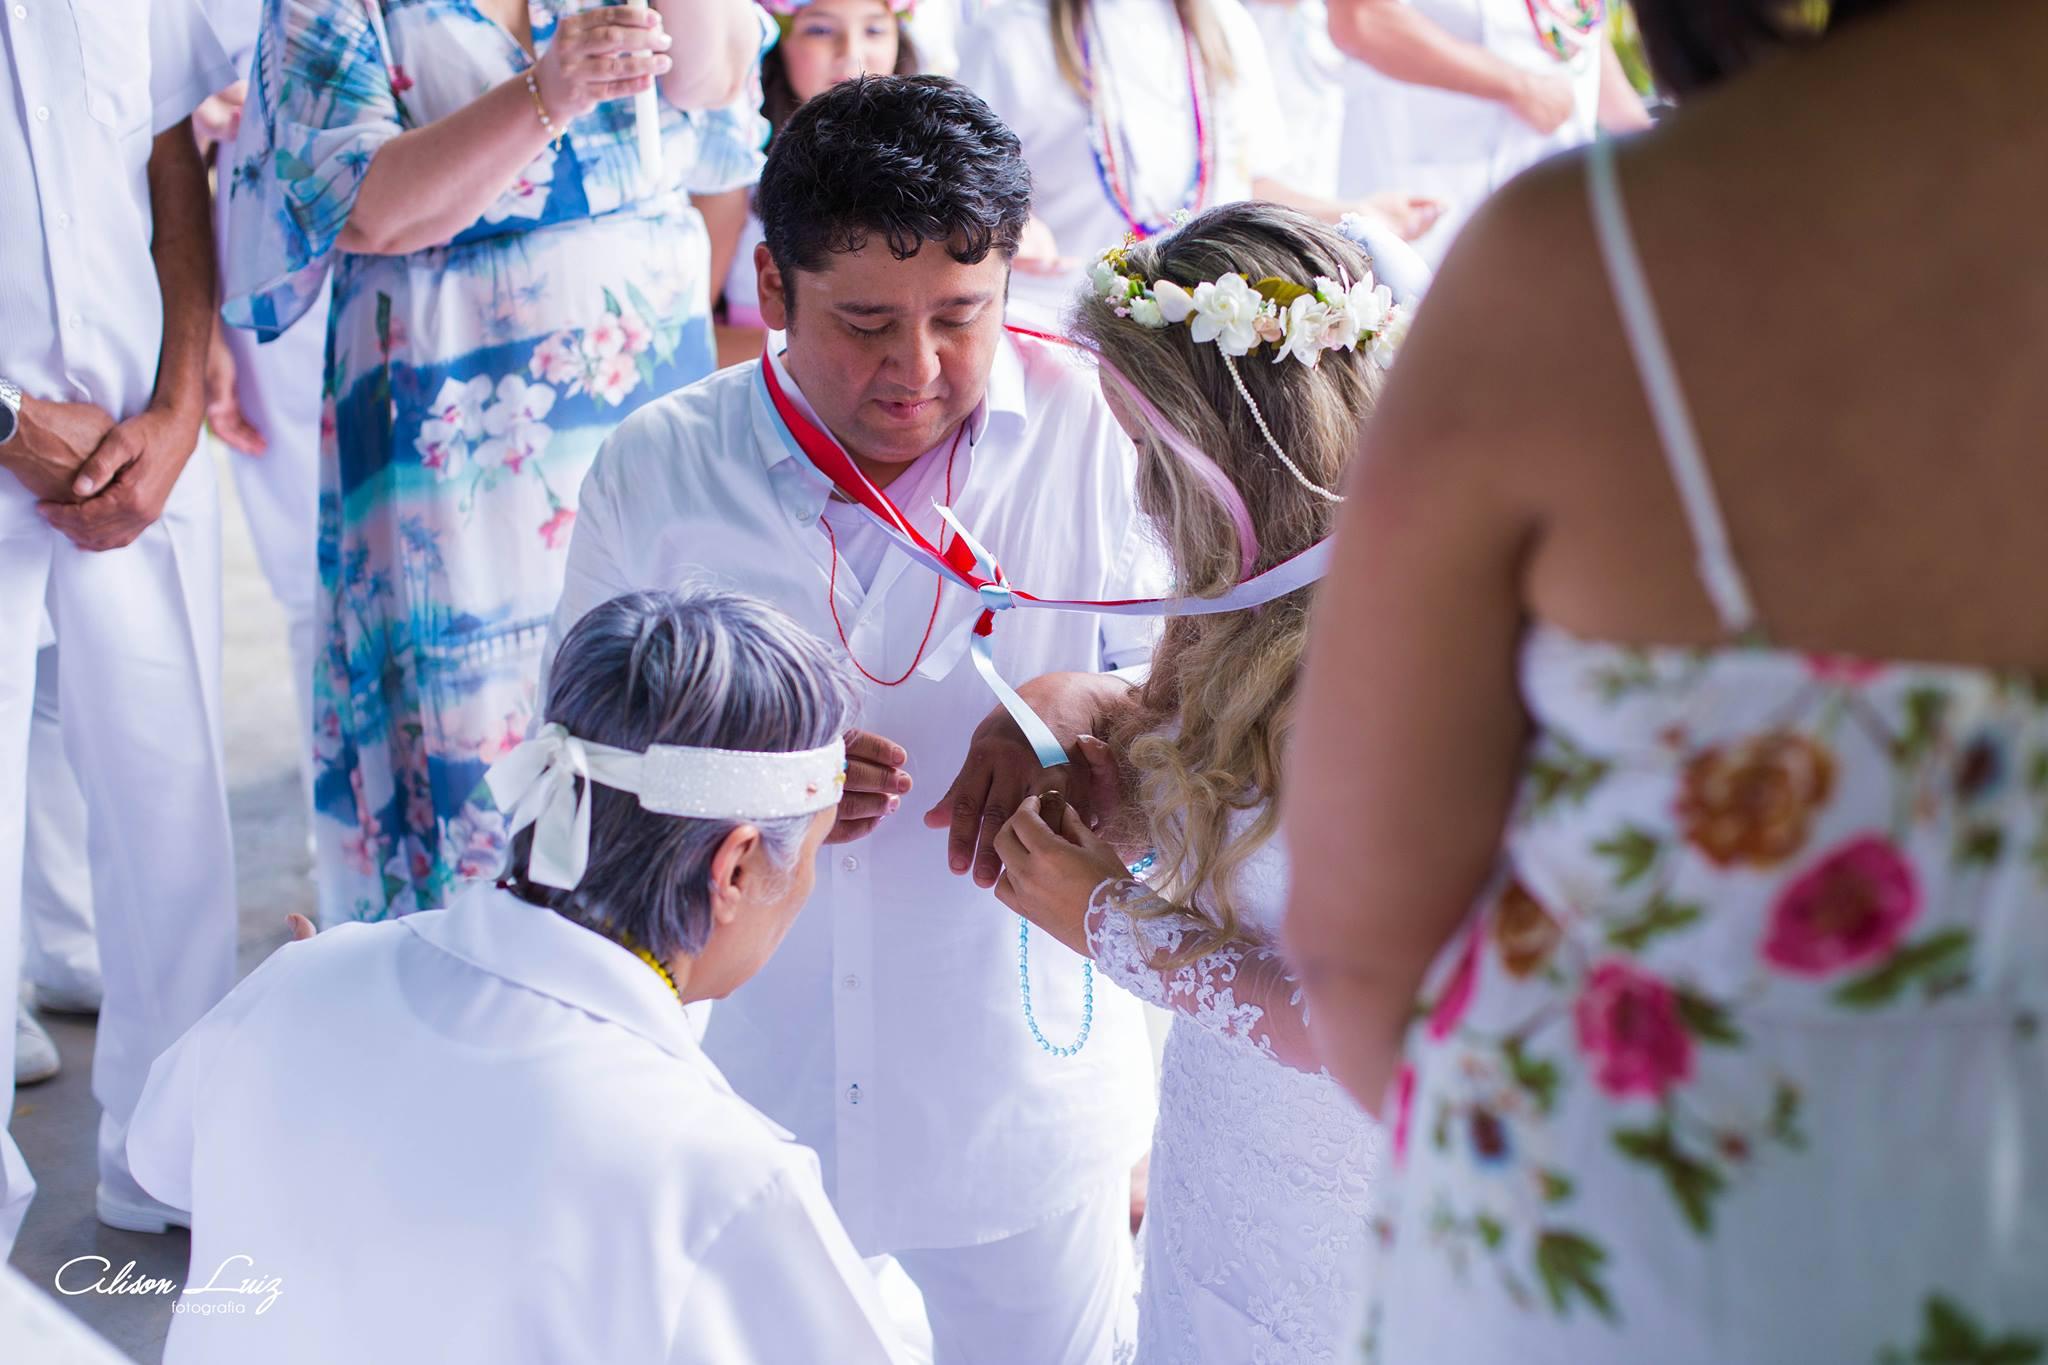 Fotógrafo evangélico registra casamento umbandista e faz lindo relato do que viu 6